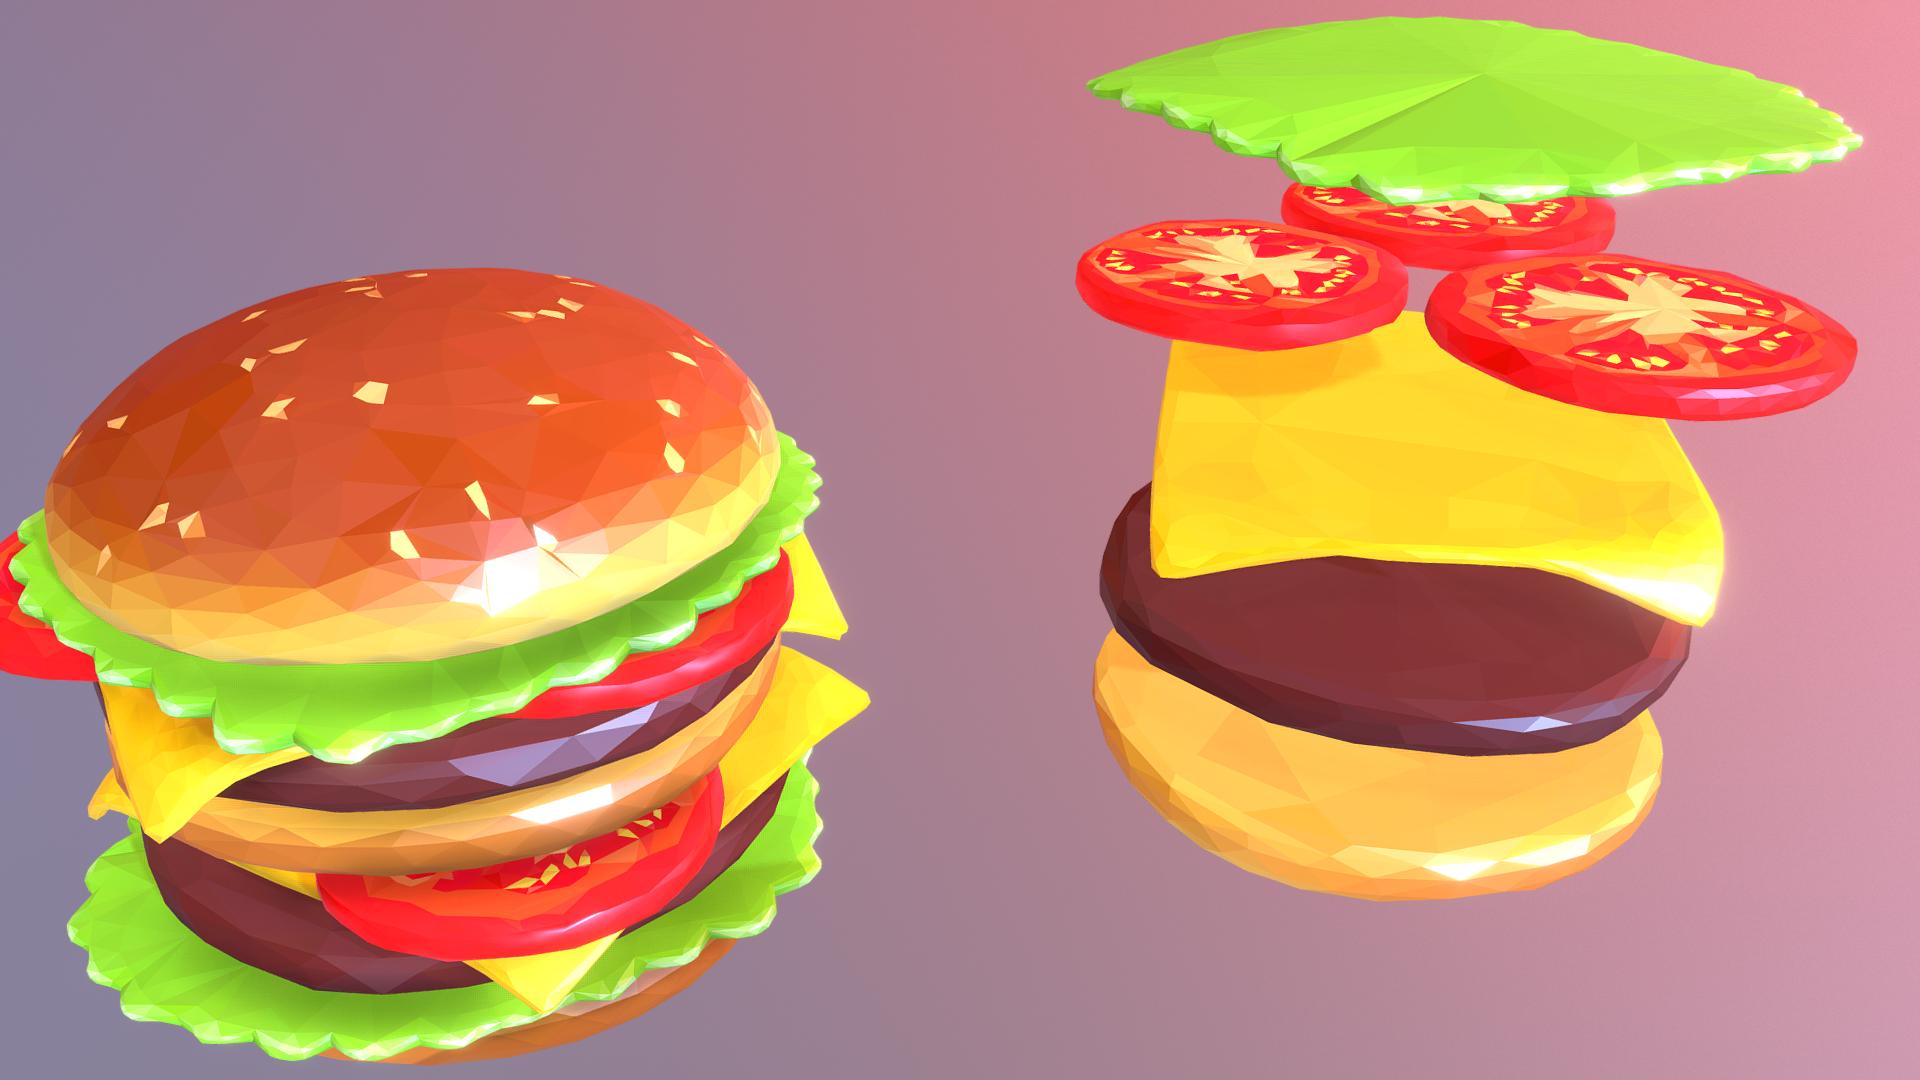 lowpolyart hamburger cheeseburger graditelj 3d model 3ds max fbx jpeg jpg ma mb tekstura obj 269554